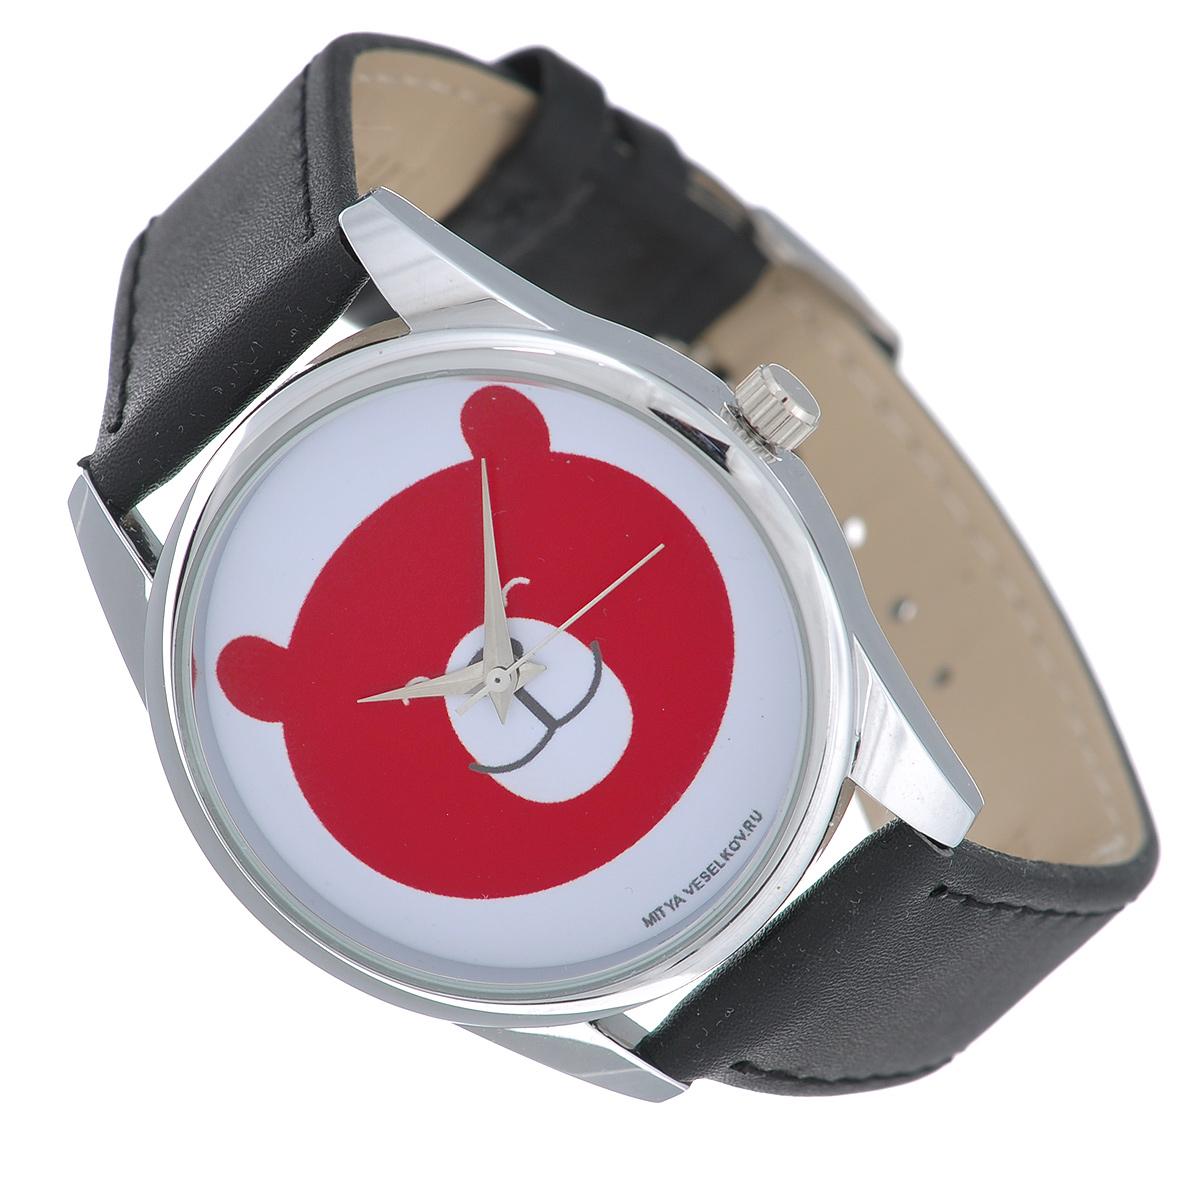 Часы наручные Mitya Veselkov Красный мишка. MV-185BM8434-58AEНаручные часы Mitya Veselkov Красный мишка созданы для современных людей, которые стремятся выделиться из толпы и подчеркнуть свою индивидуальность. Часы оснащены японским кварцевым механизмом. Ремешок выполнен из натуральной кожи, корпус изготовлен из стали. Циферблат оснащен тремя стрелками и оформлен изображением мордочки медведя.Часы размещаются на специальной подушечке и упакованы в фирменный стакан Mitya Veselkov.Характеристики: Диаметр циферблата: 3,4 см.Размер корпуса: 3,9 см х 4,5 см х 0,8 см.Длина ремешка (с учетом корпуса): 24 см.Ширина ремешка: 1,8 см.